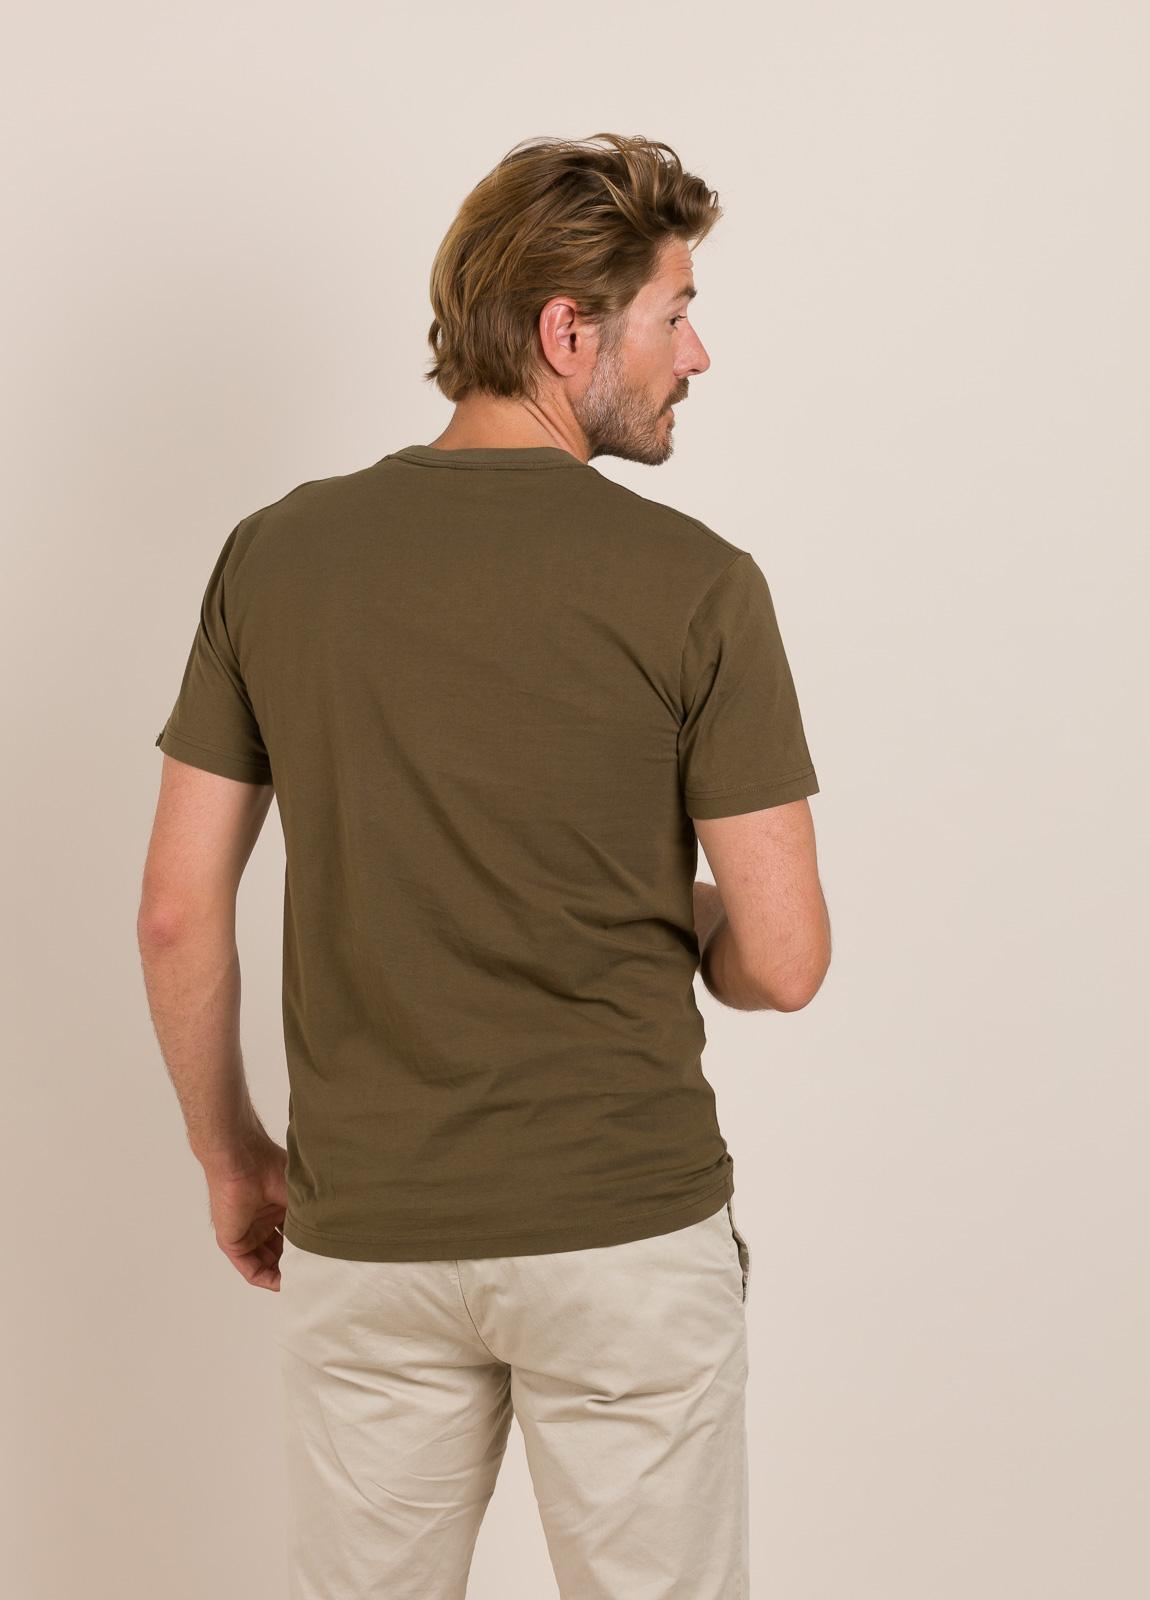 Camiseta DEUS kaki - Ítem1